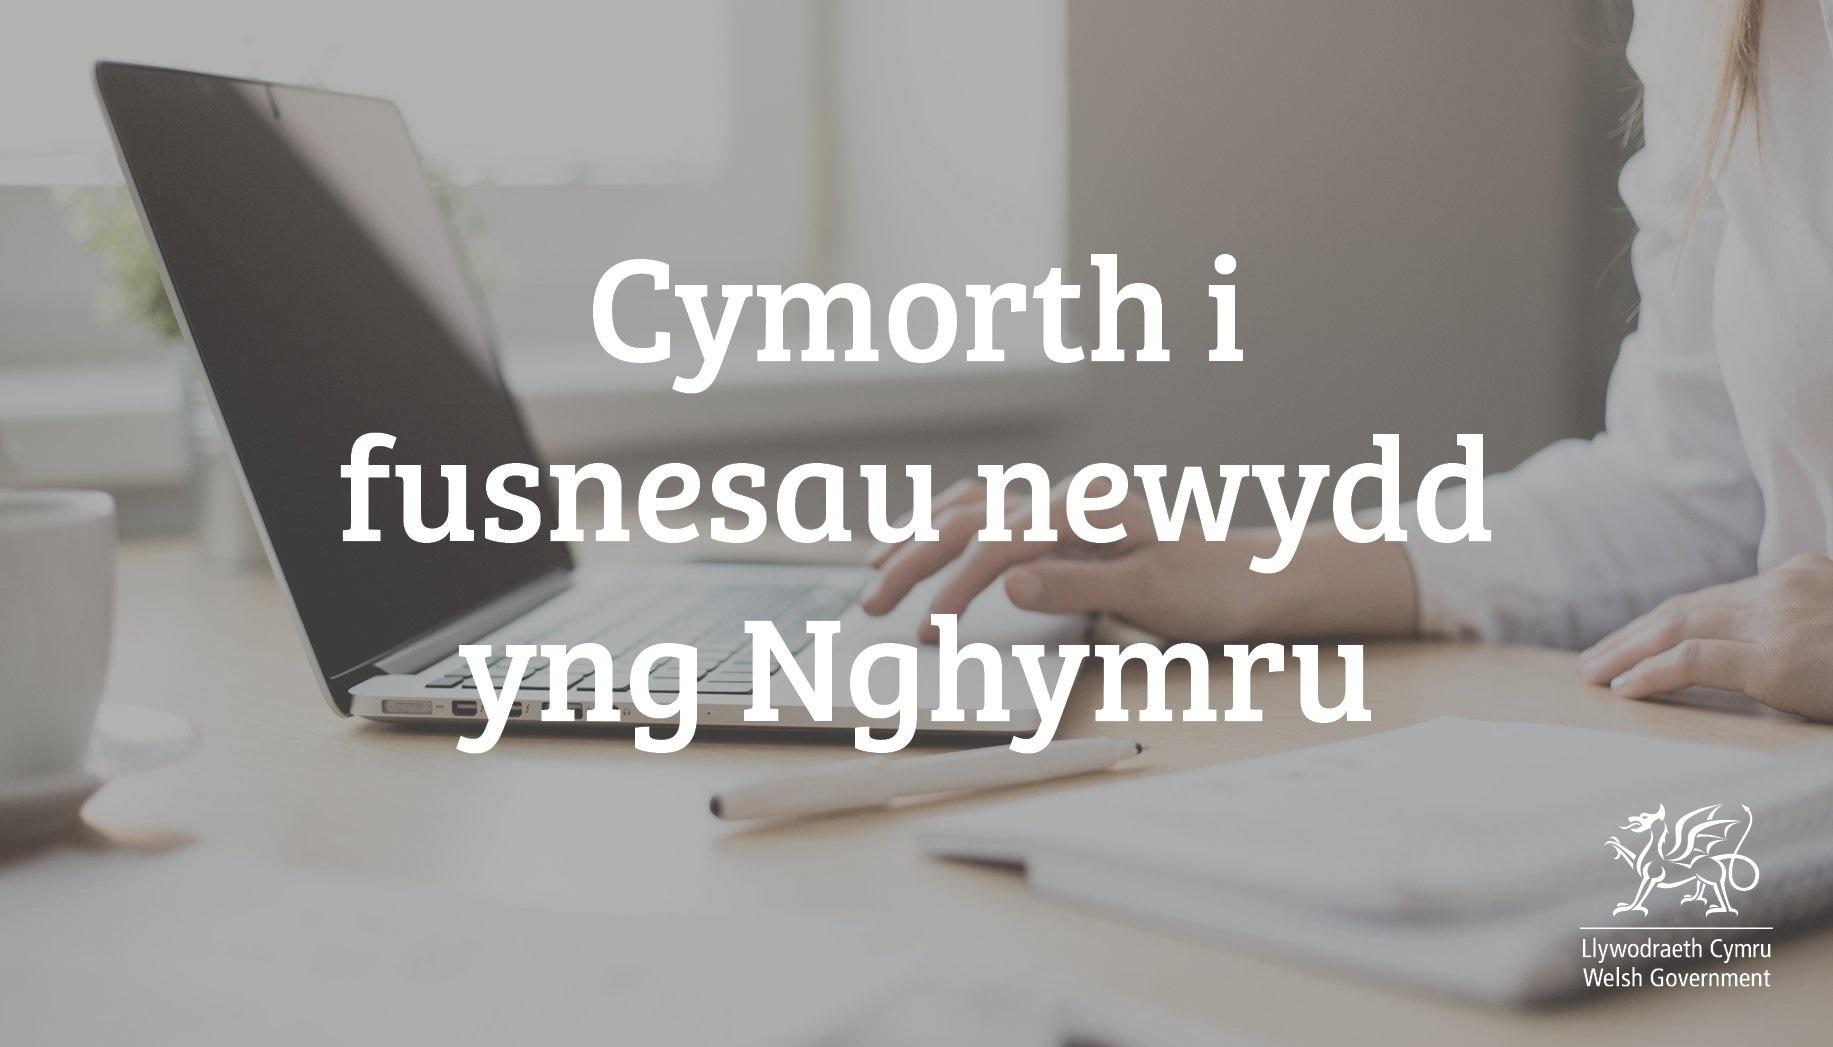 Cymorth i fusnesau newydd yng Nghymru